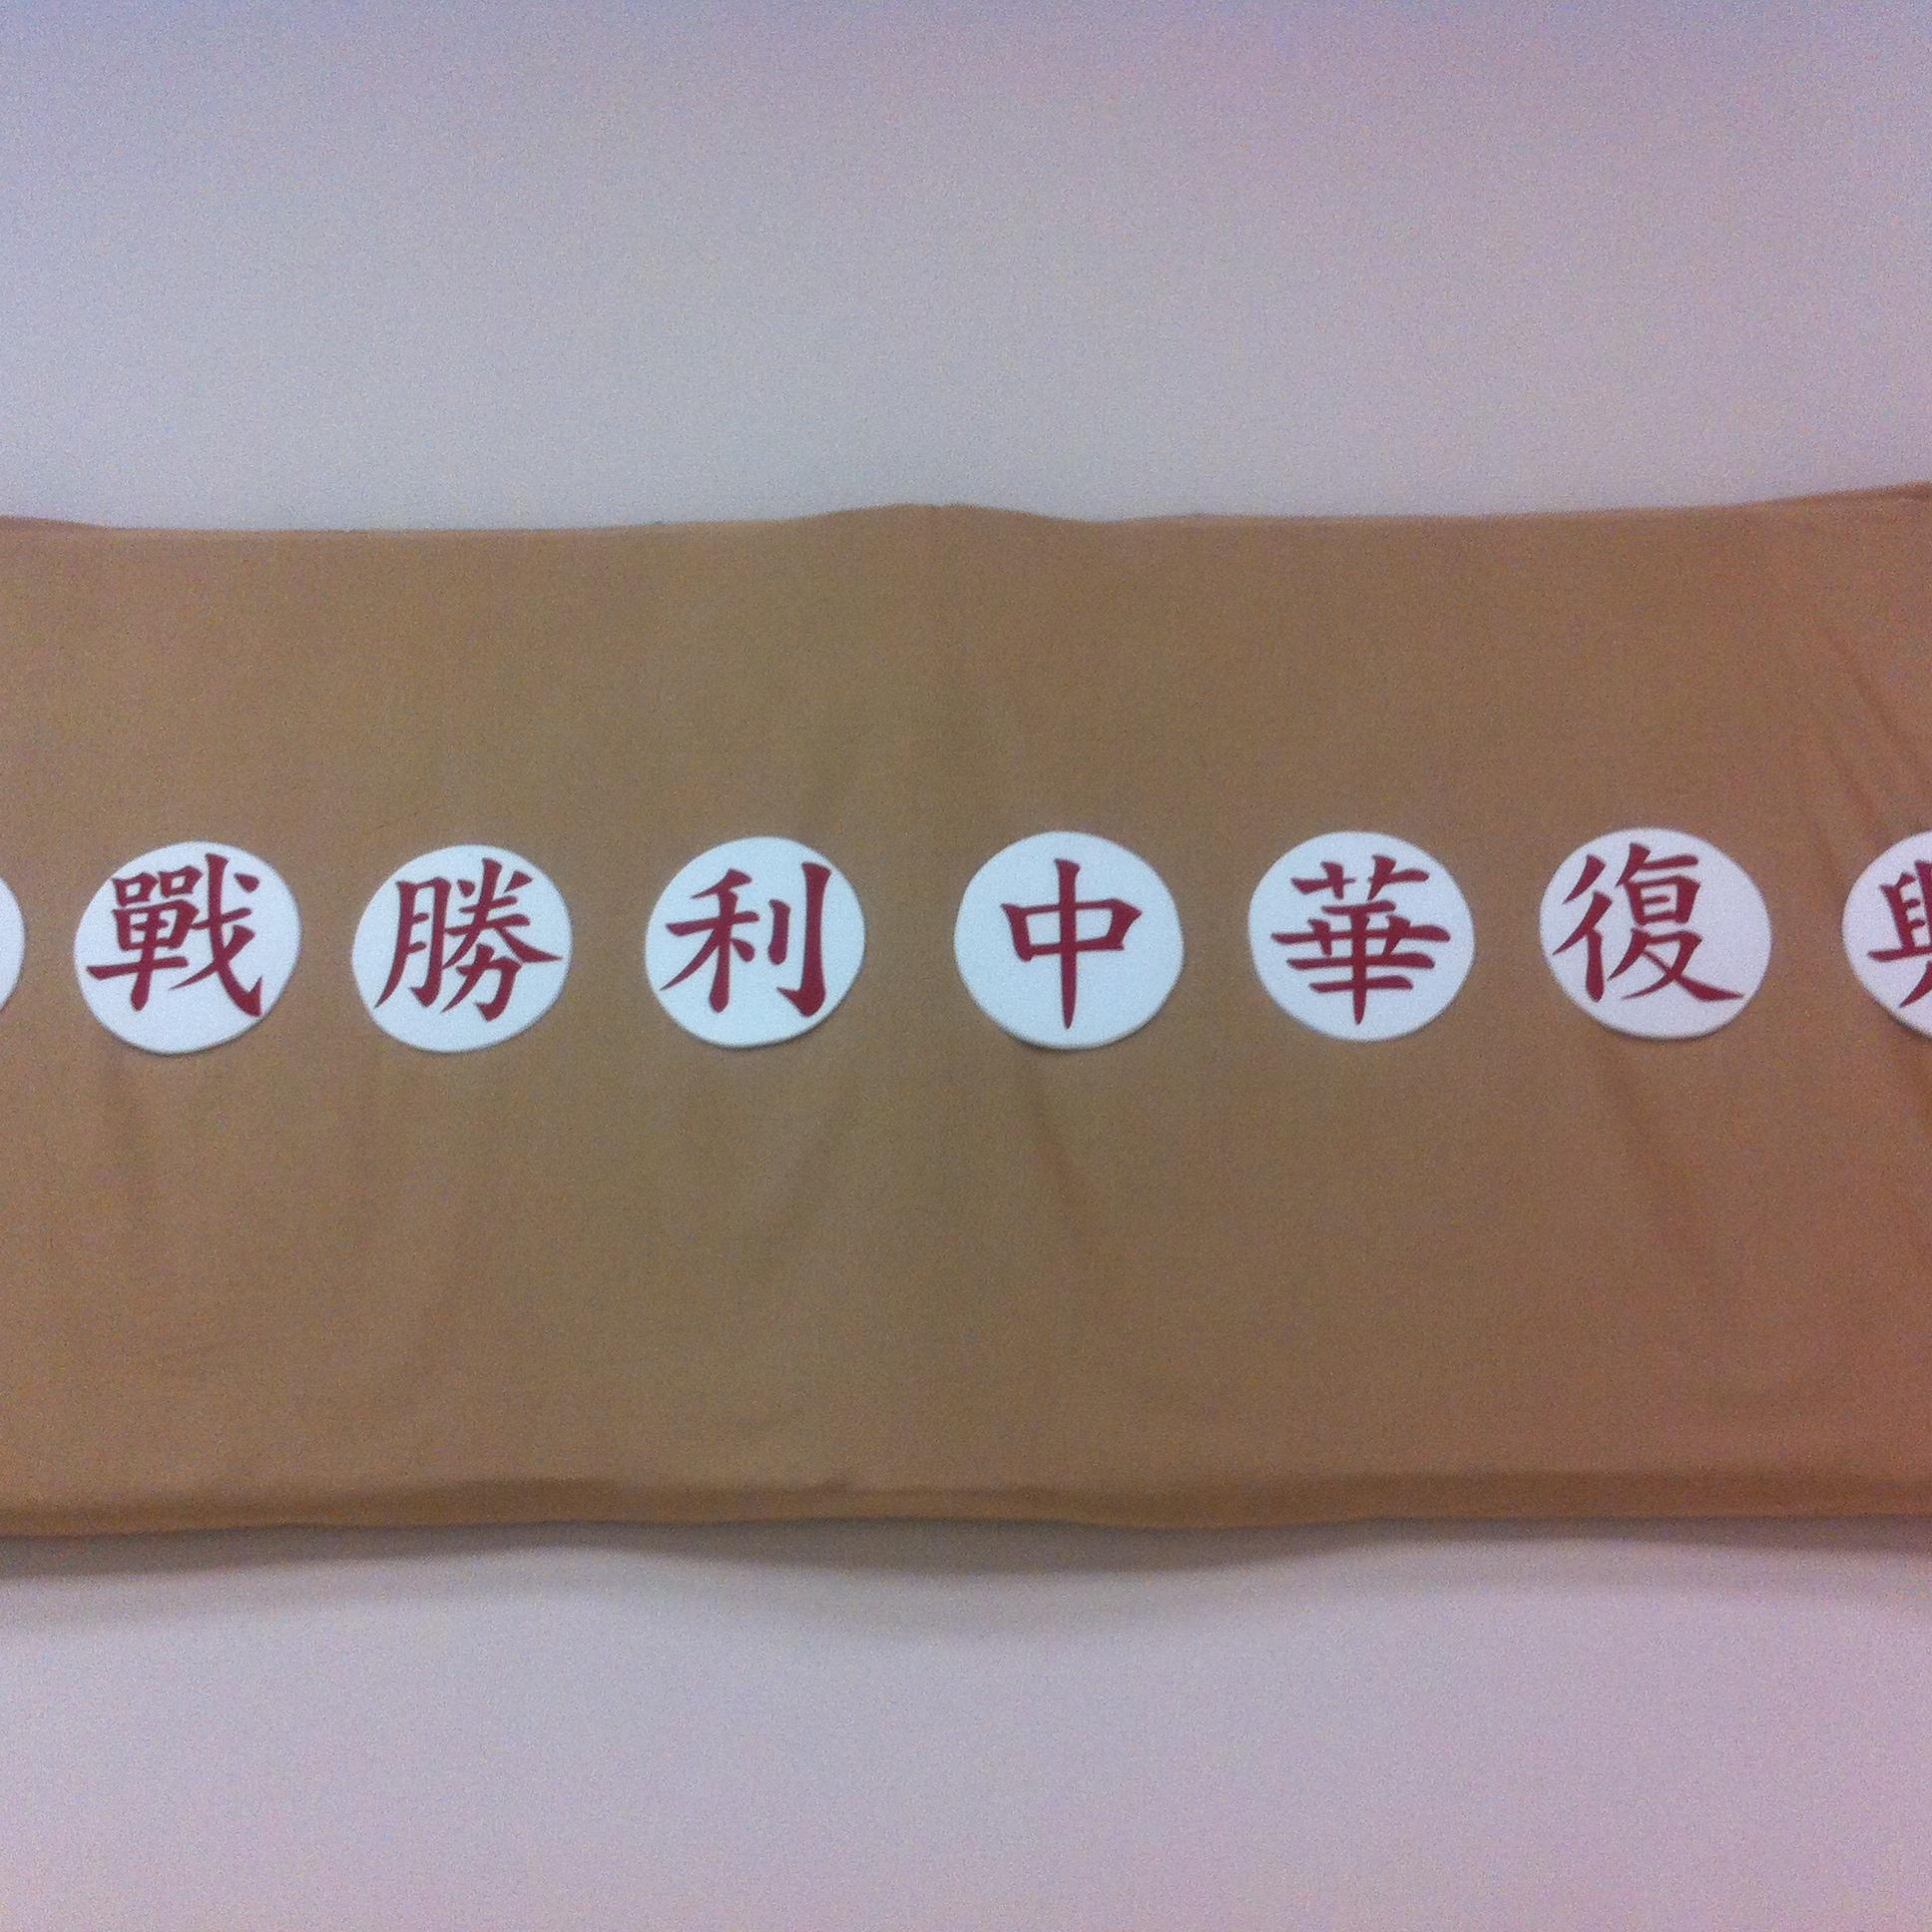 【見学】中華民国の抗日勝利70周年記念展